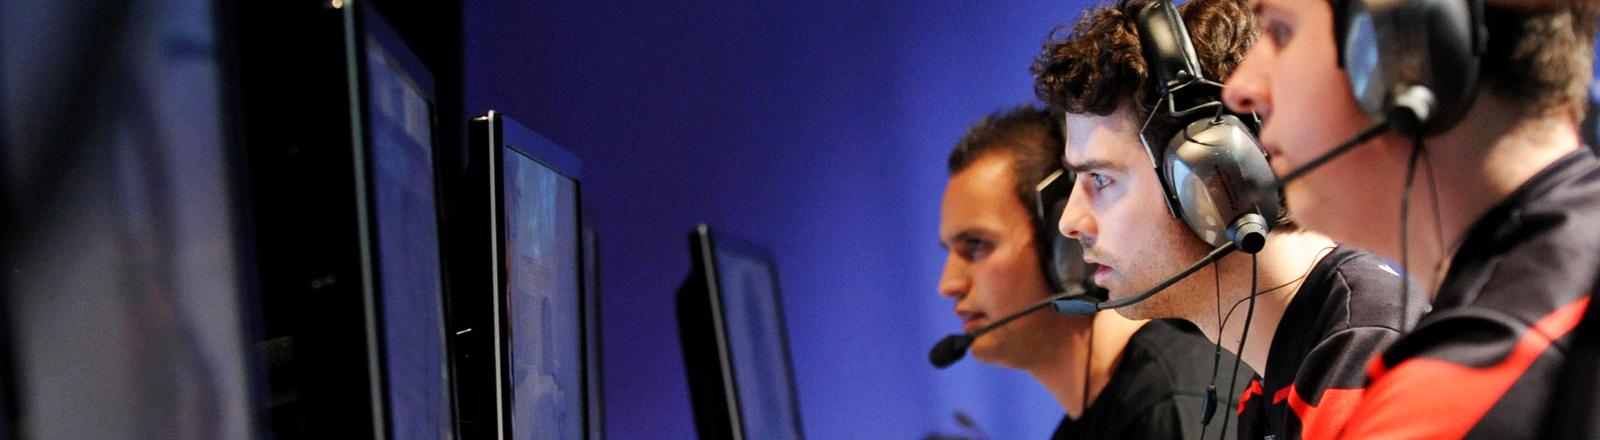 Counter-Strike-Spieler bei einem Matsch de E-Sport-Liga 2011